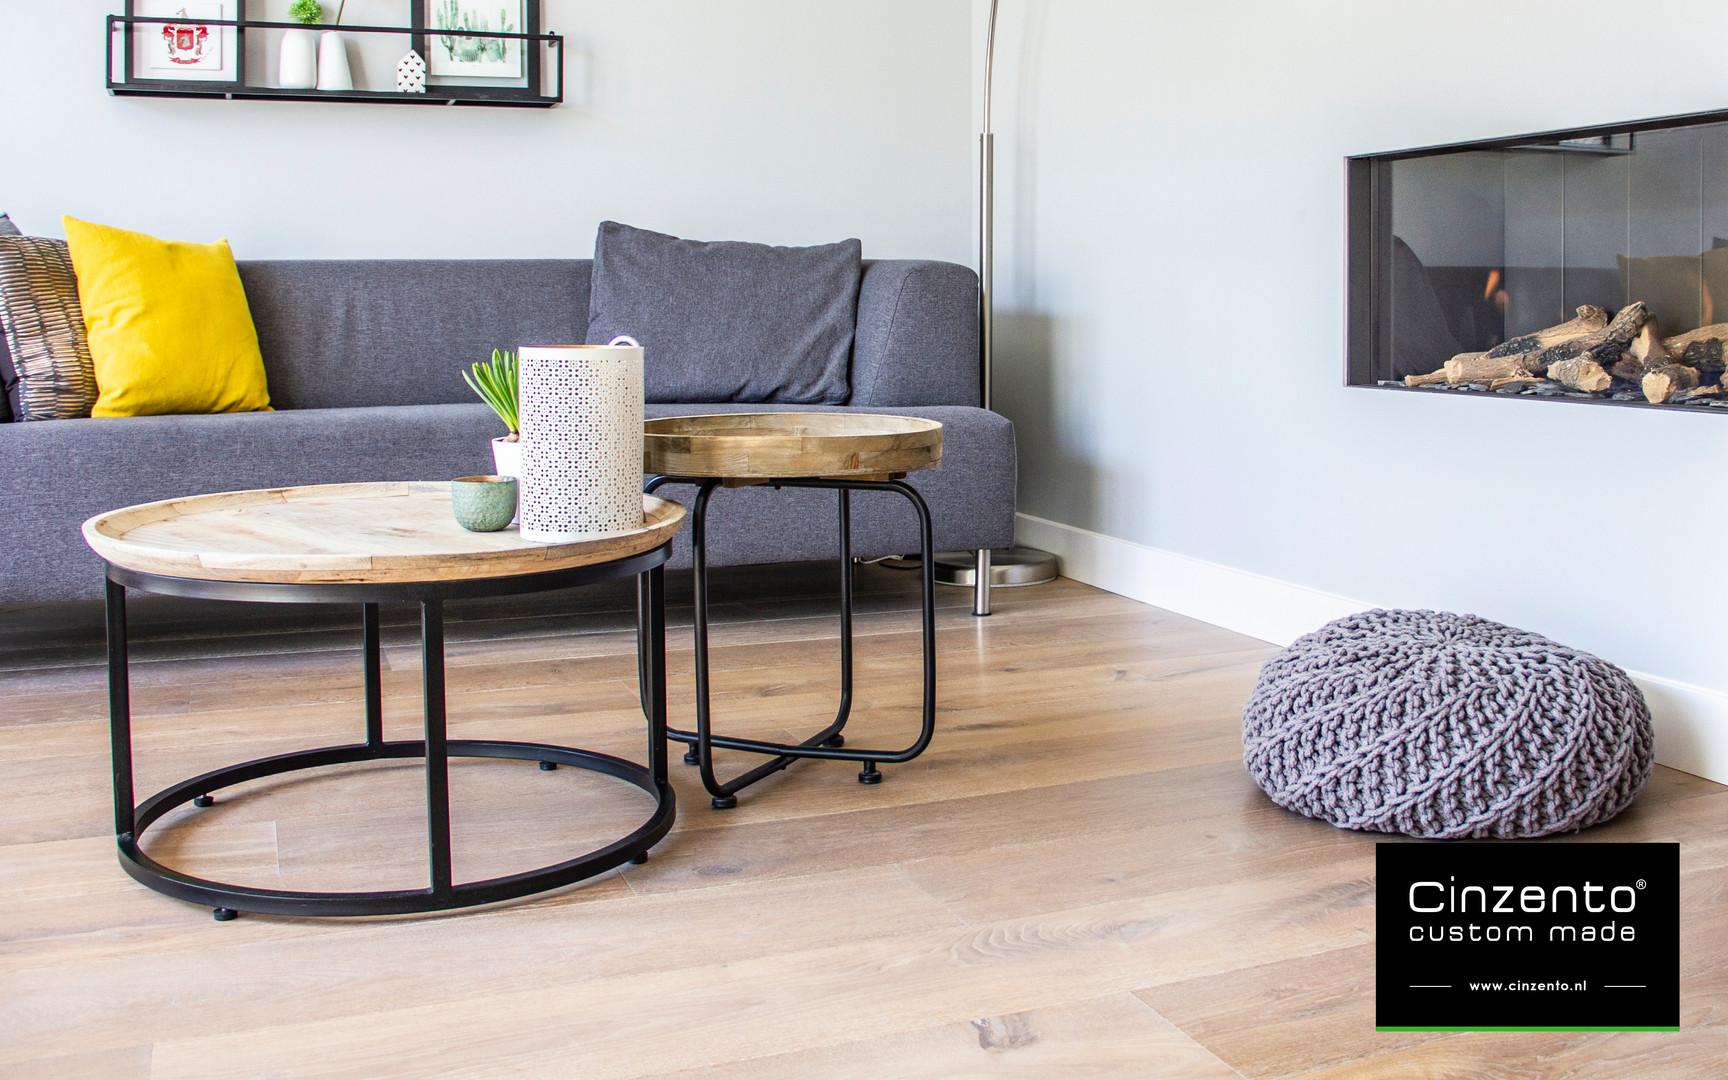 Cinzento houten vloer